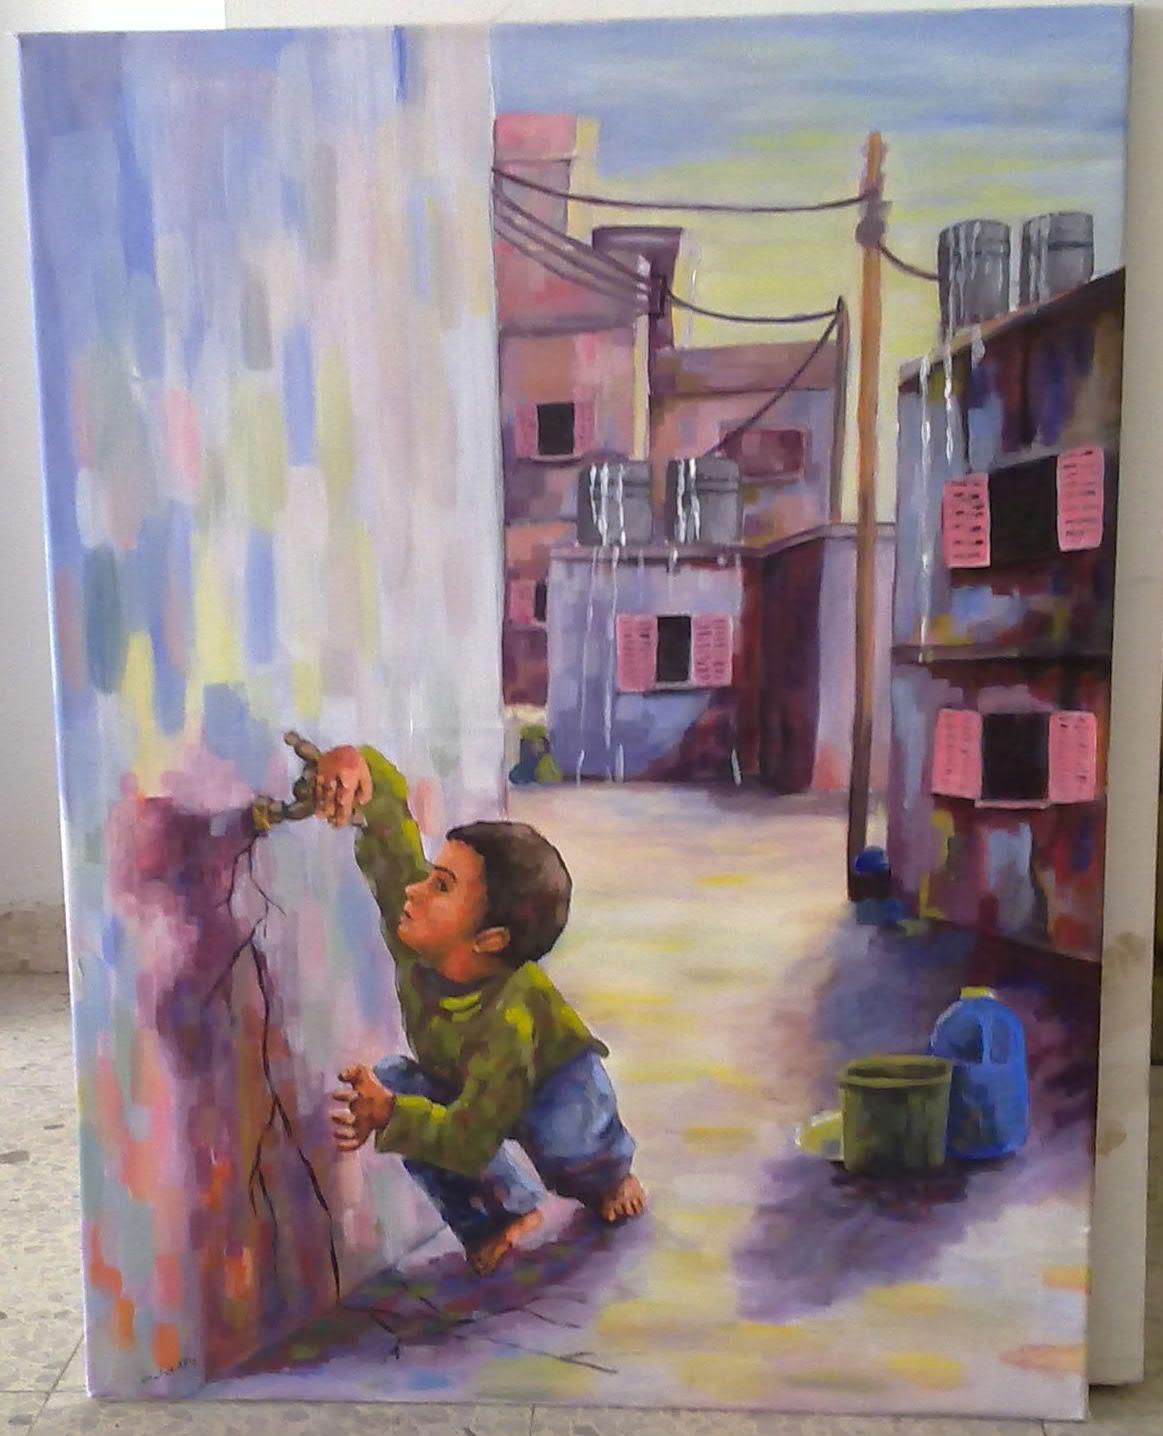 2011رسم وائل أبو يابس